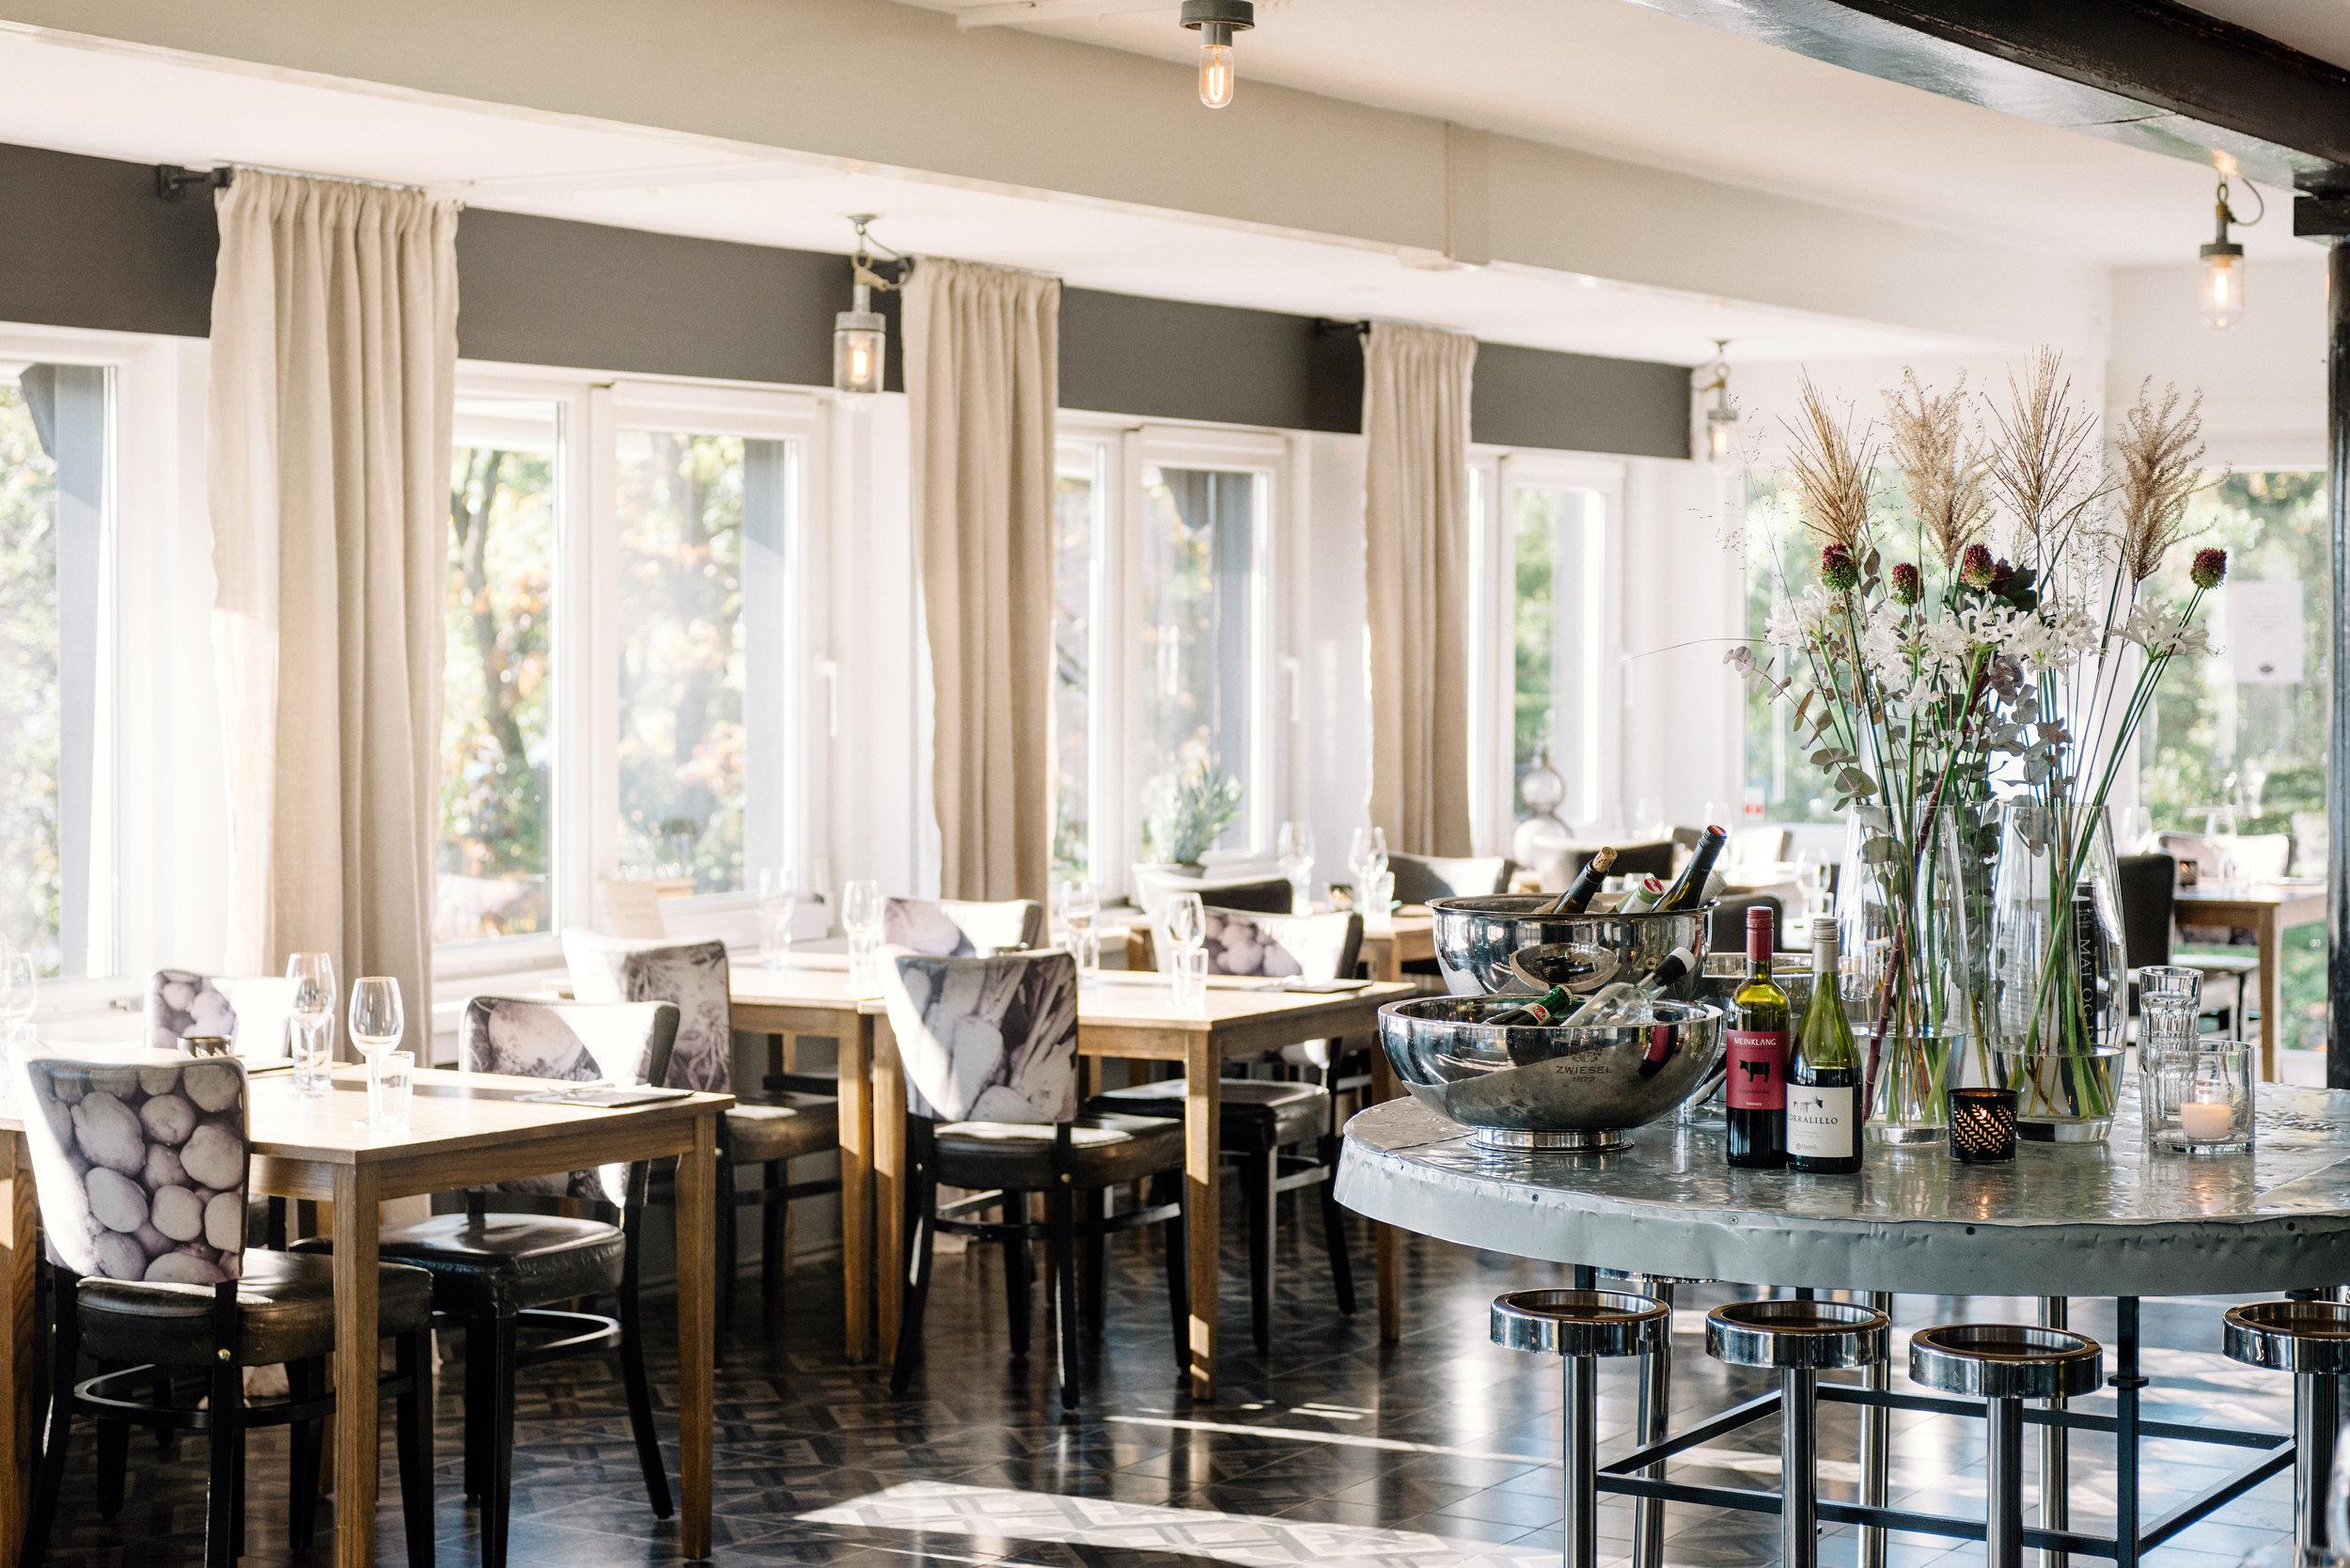 selskap-strand-stabekk-oslo-lavaoslo-Restaurant-kafe